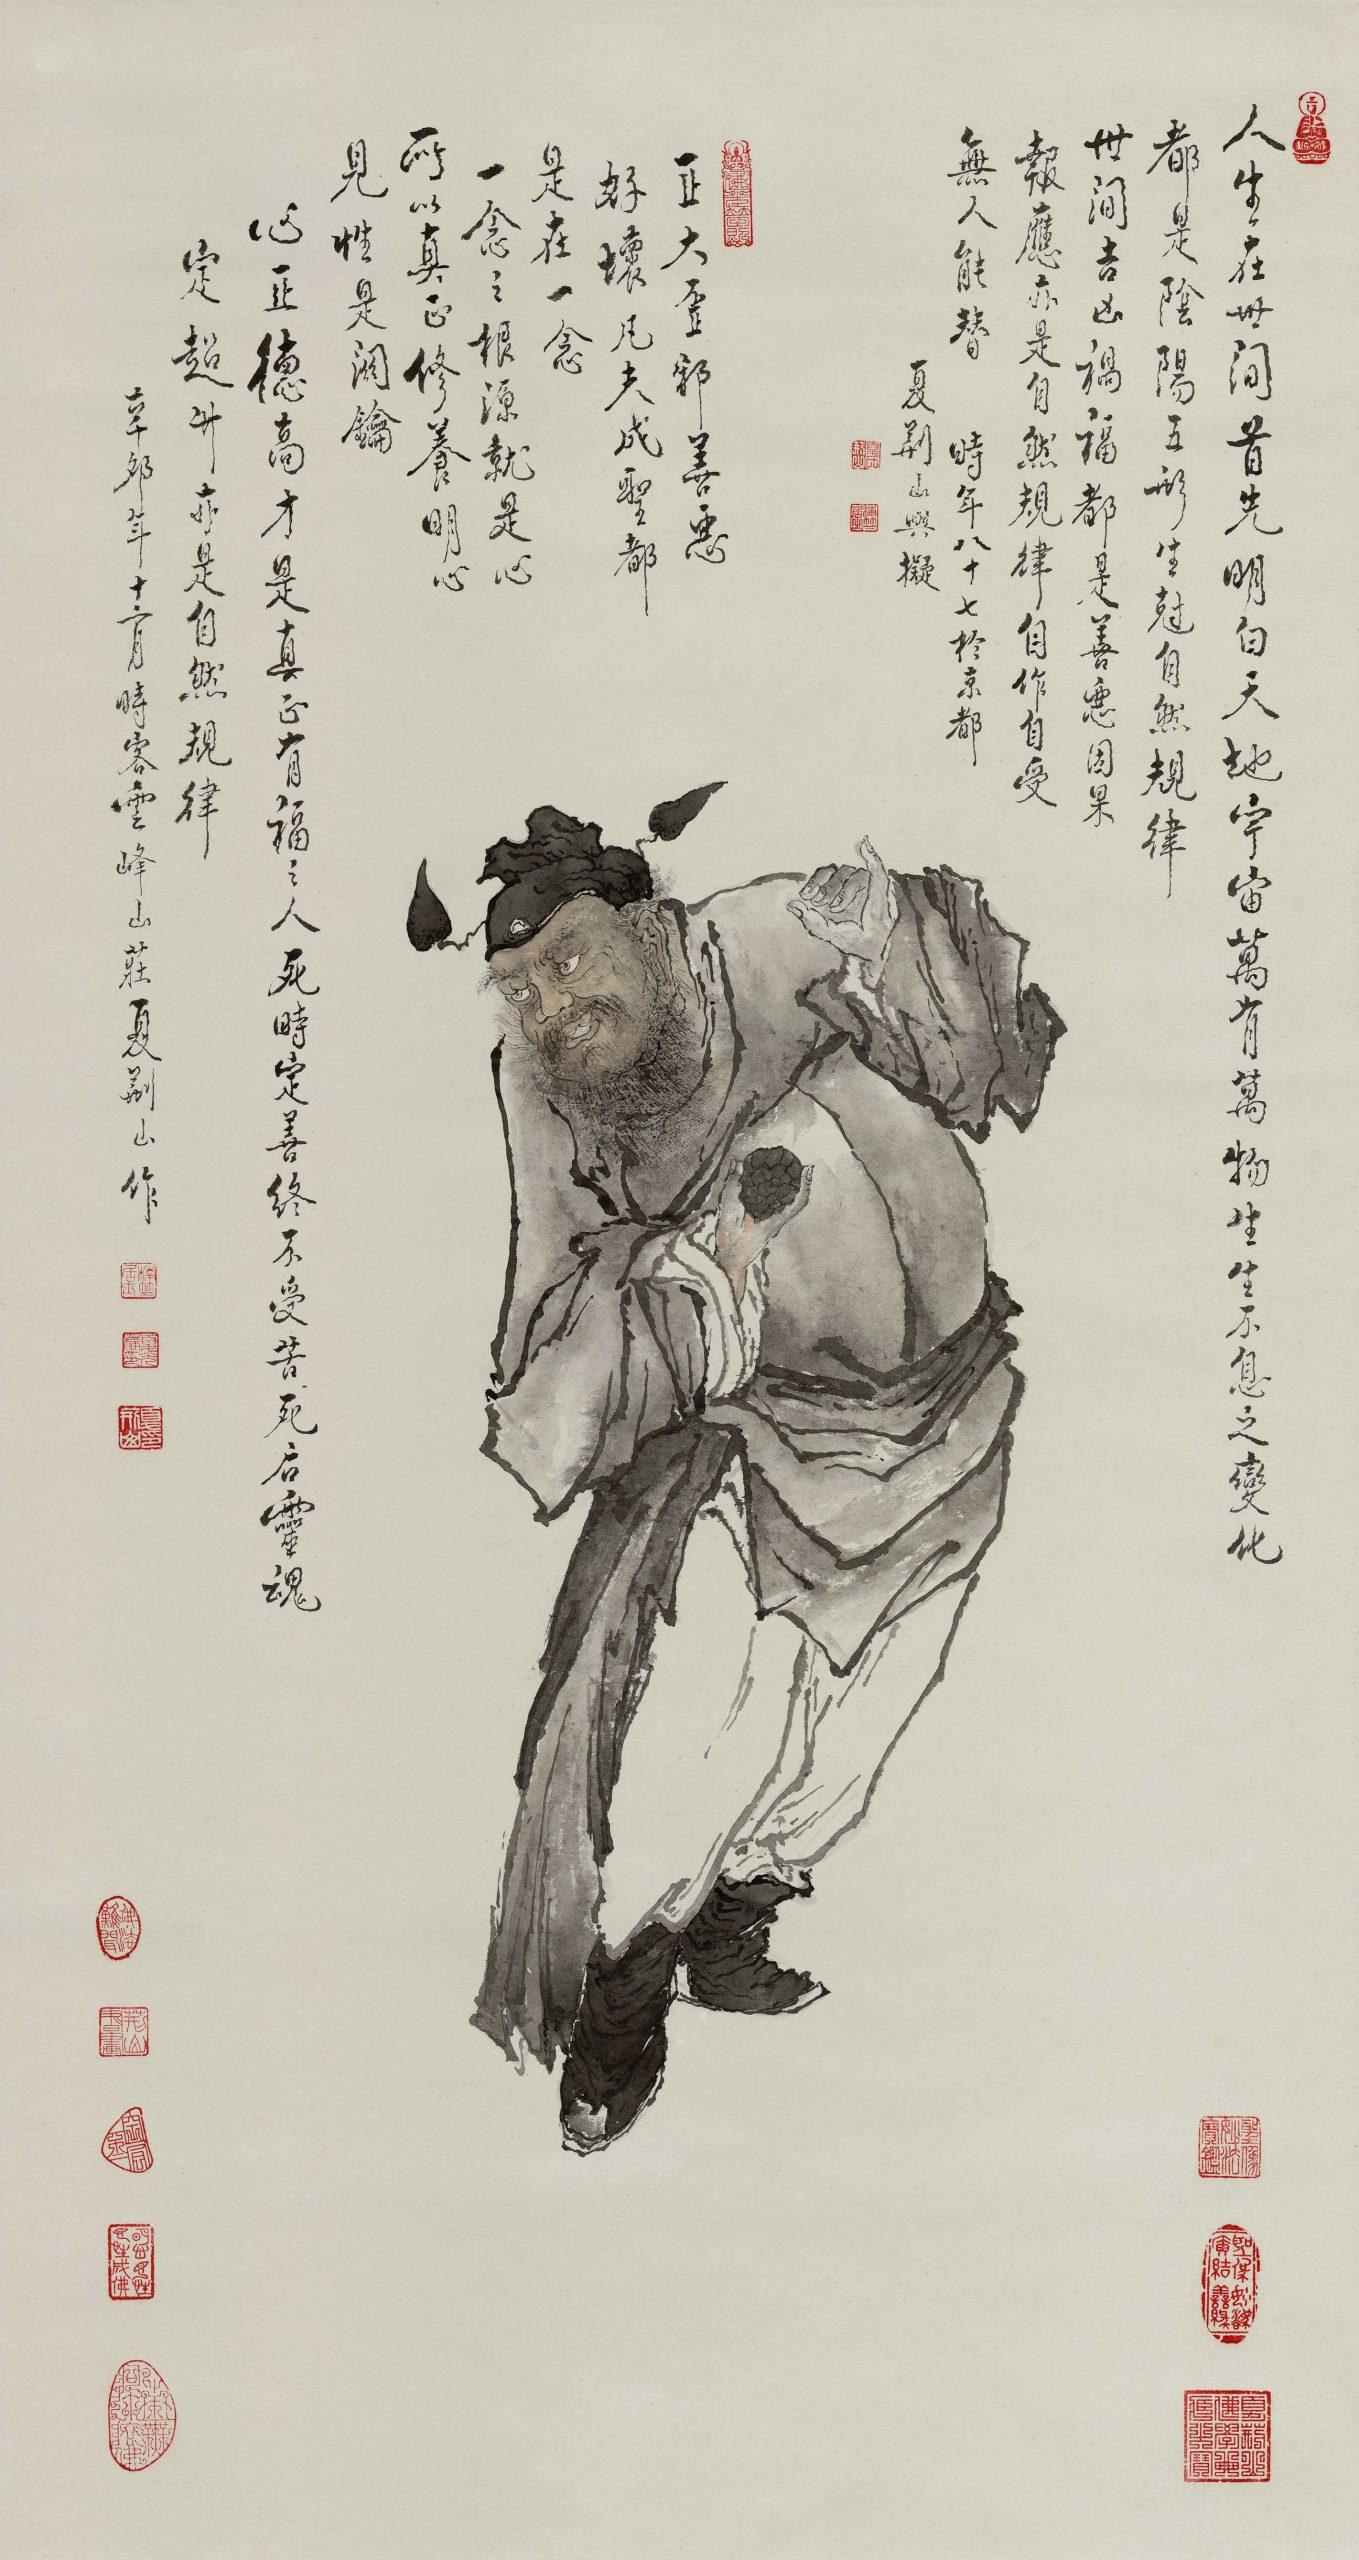 鍾馗 | 夏荊山書畫藝術數位典藏